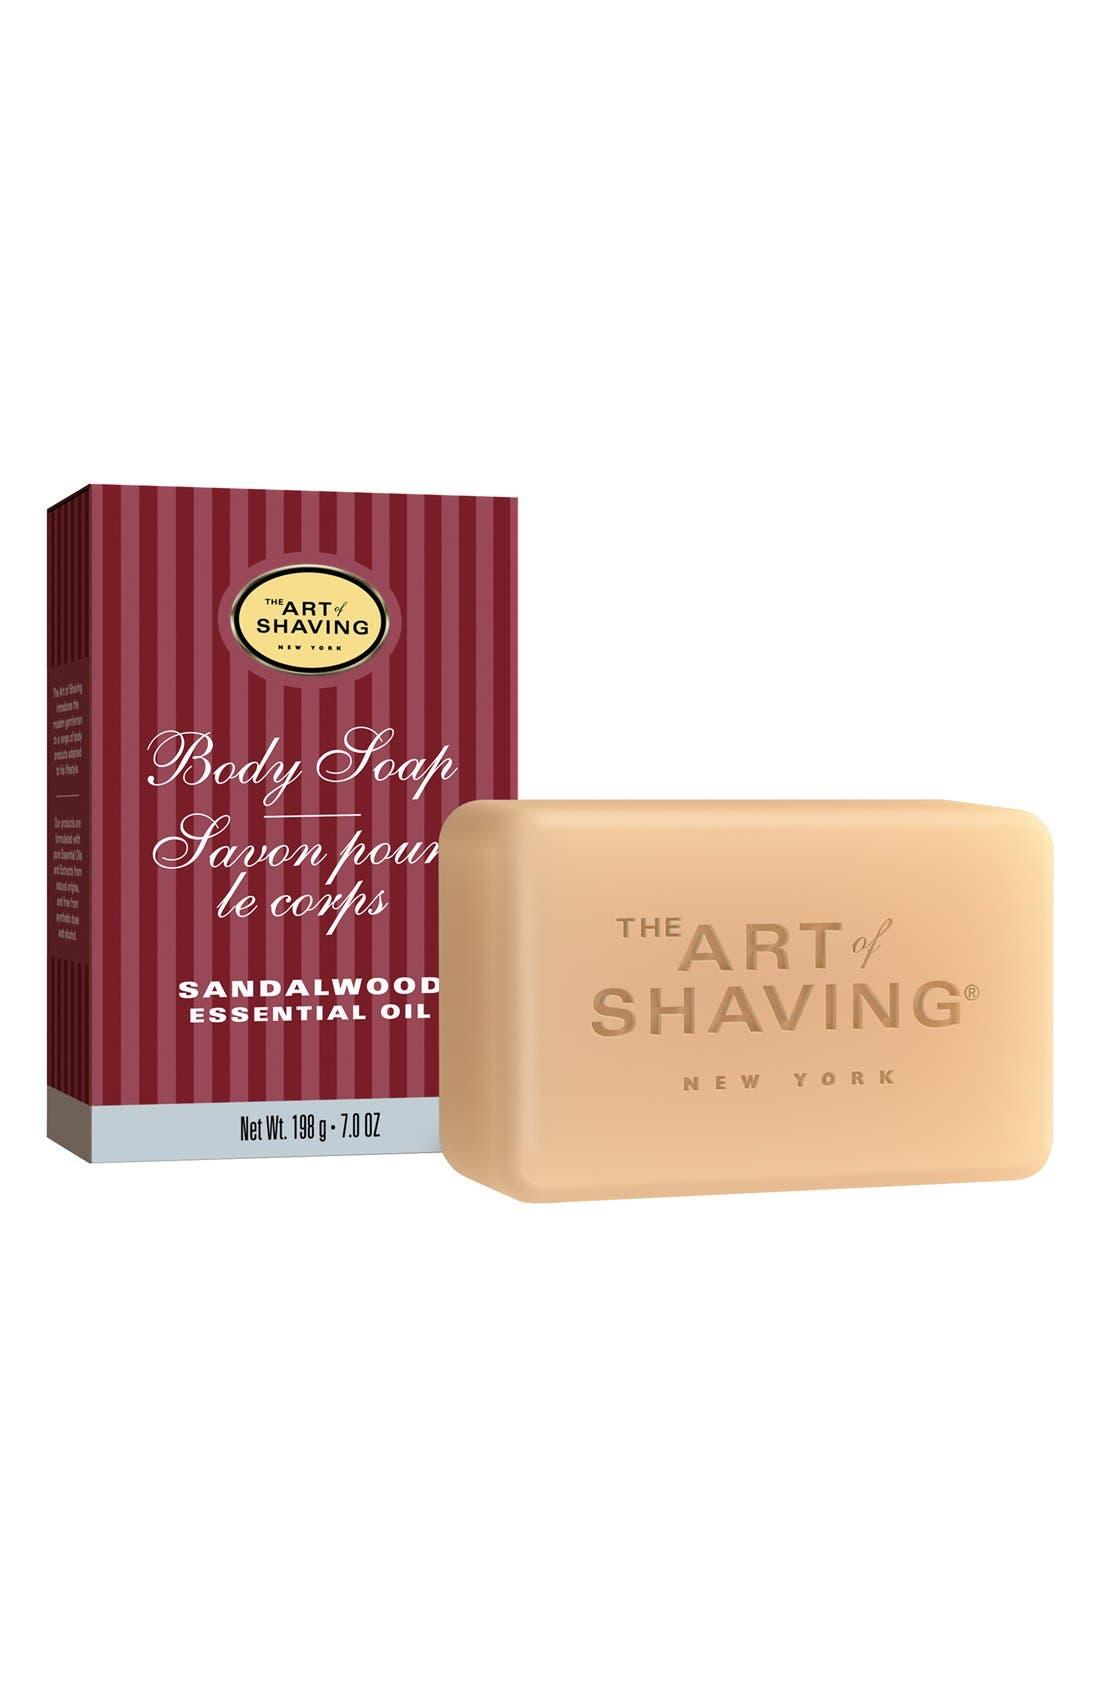 The Art of Shaving® Body Soap